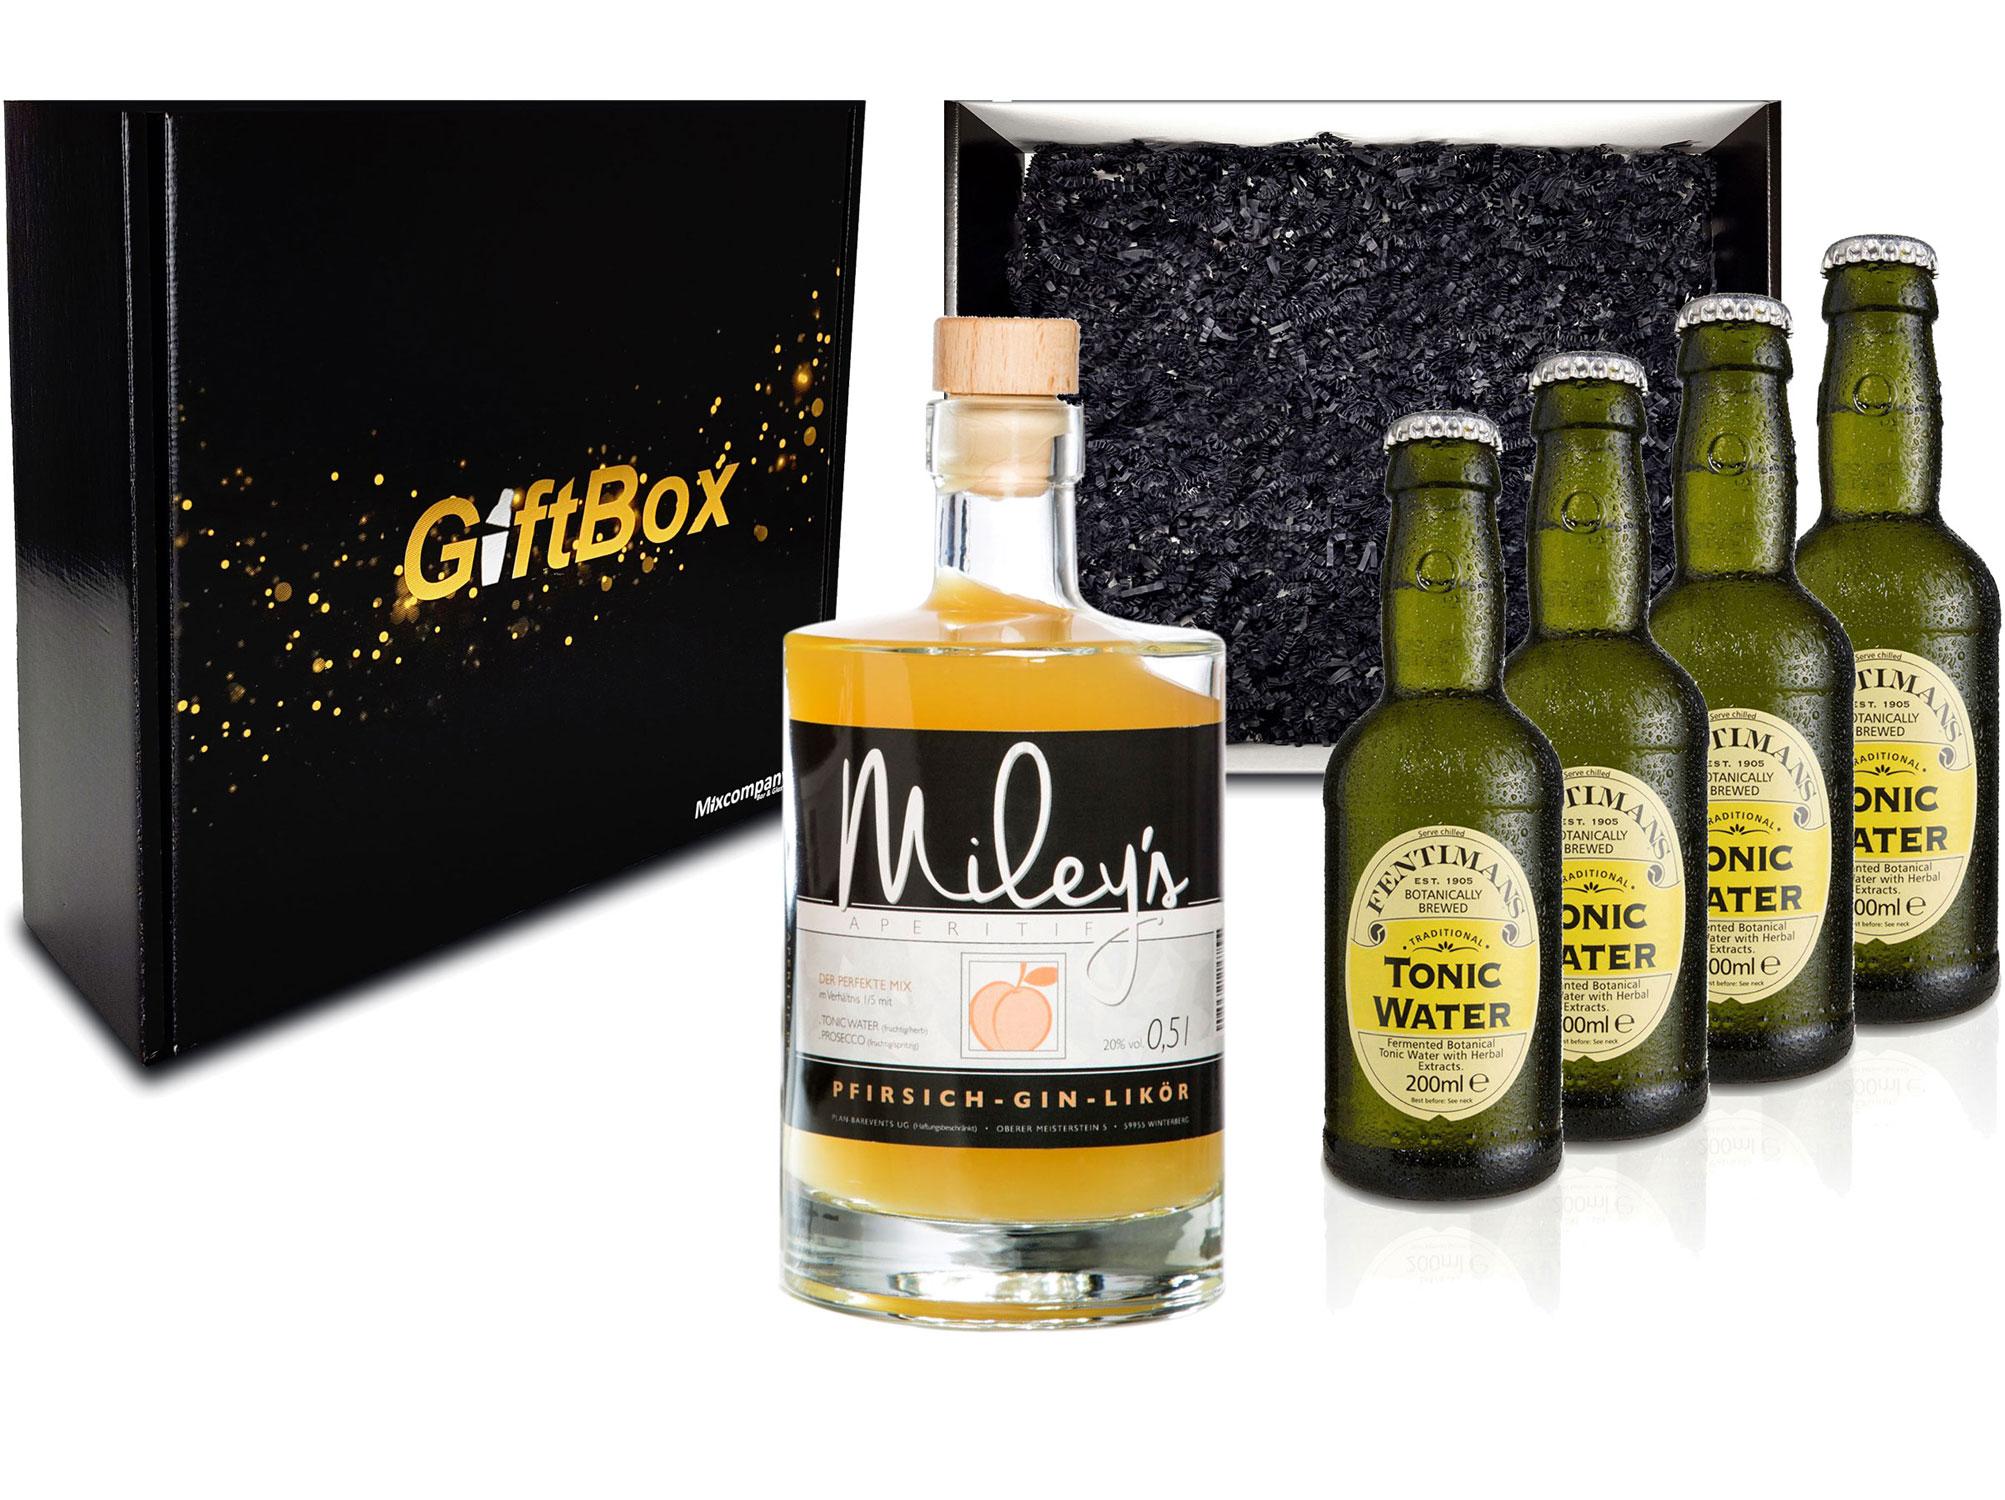 Gin Tonic Giftbox Geschenkset - Mileys Pfirsich Gin Likör 0,5l (20% Vol) + 4x Fentimans Tonic Water 200ml inkl. Pfand MEHRWEG - [Enthält Sulfite]